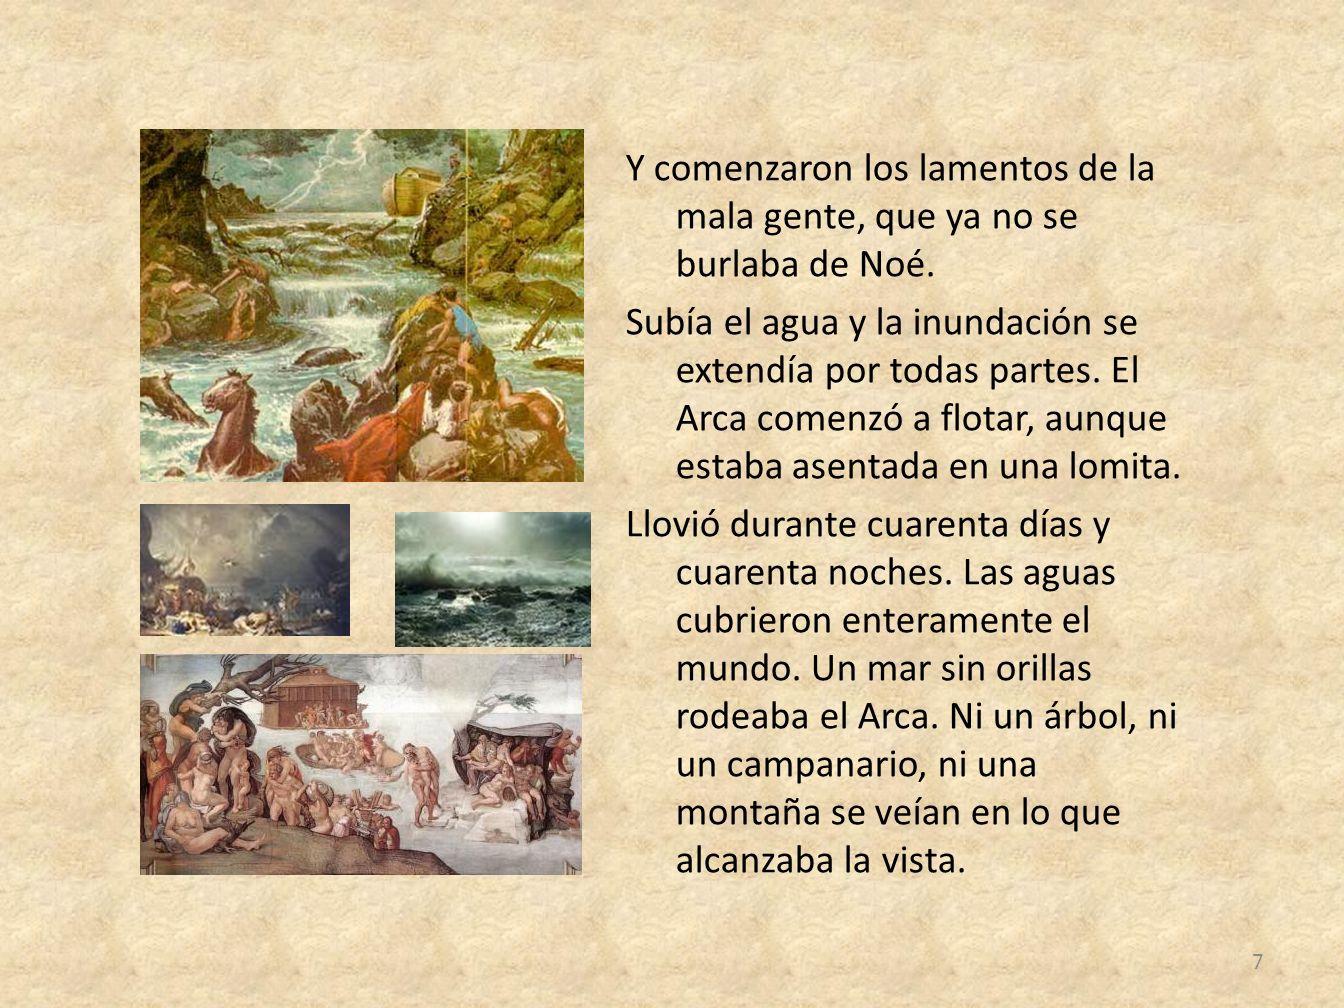 Y comenzaron los lamentos de la mala gente, que ya no se burlaba de Noé.